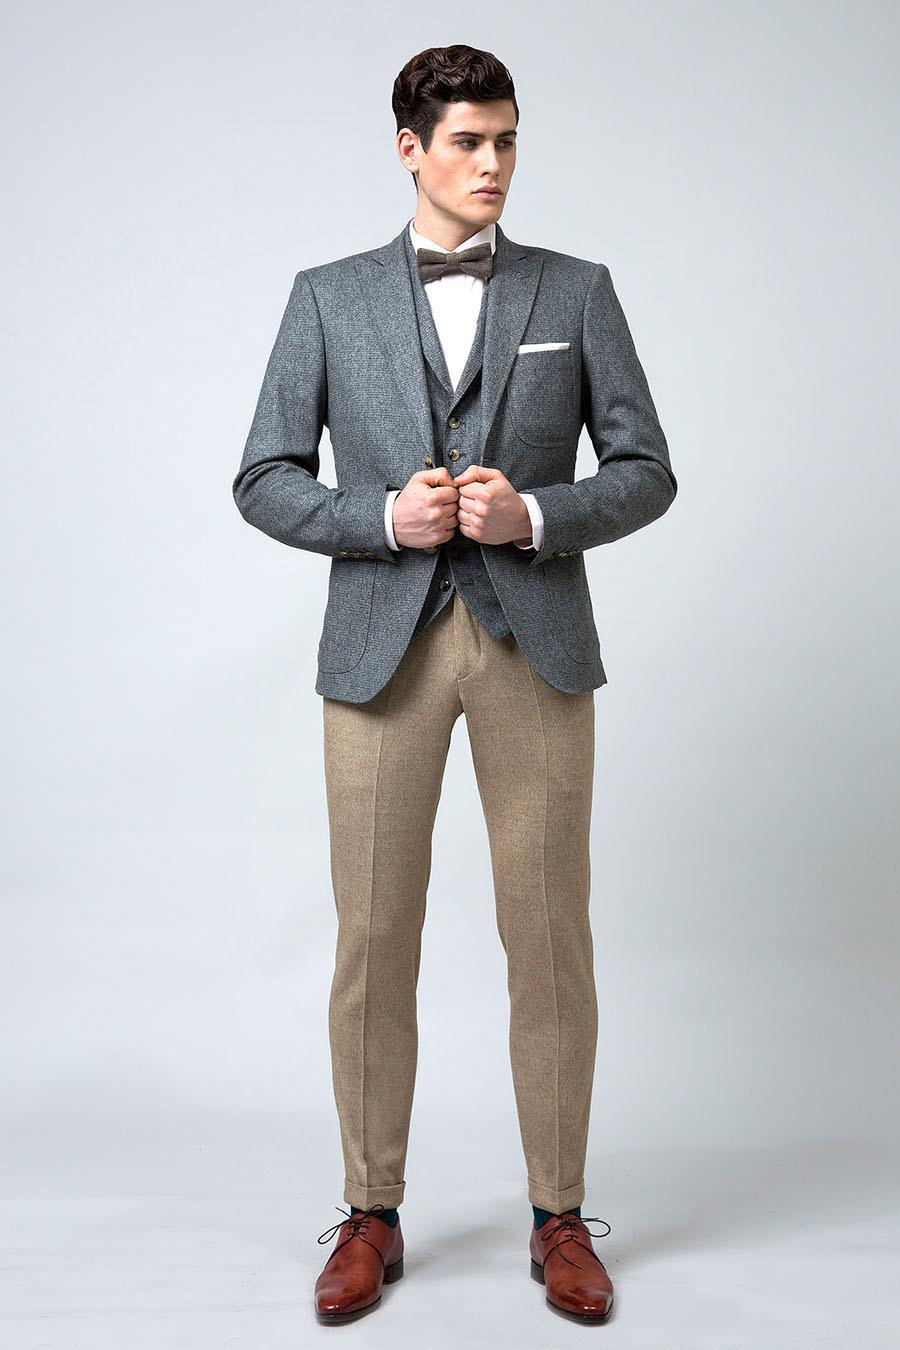 veste-sur-mesure-en-flanelle-armuree-avec-gilet-coordonne